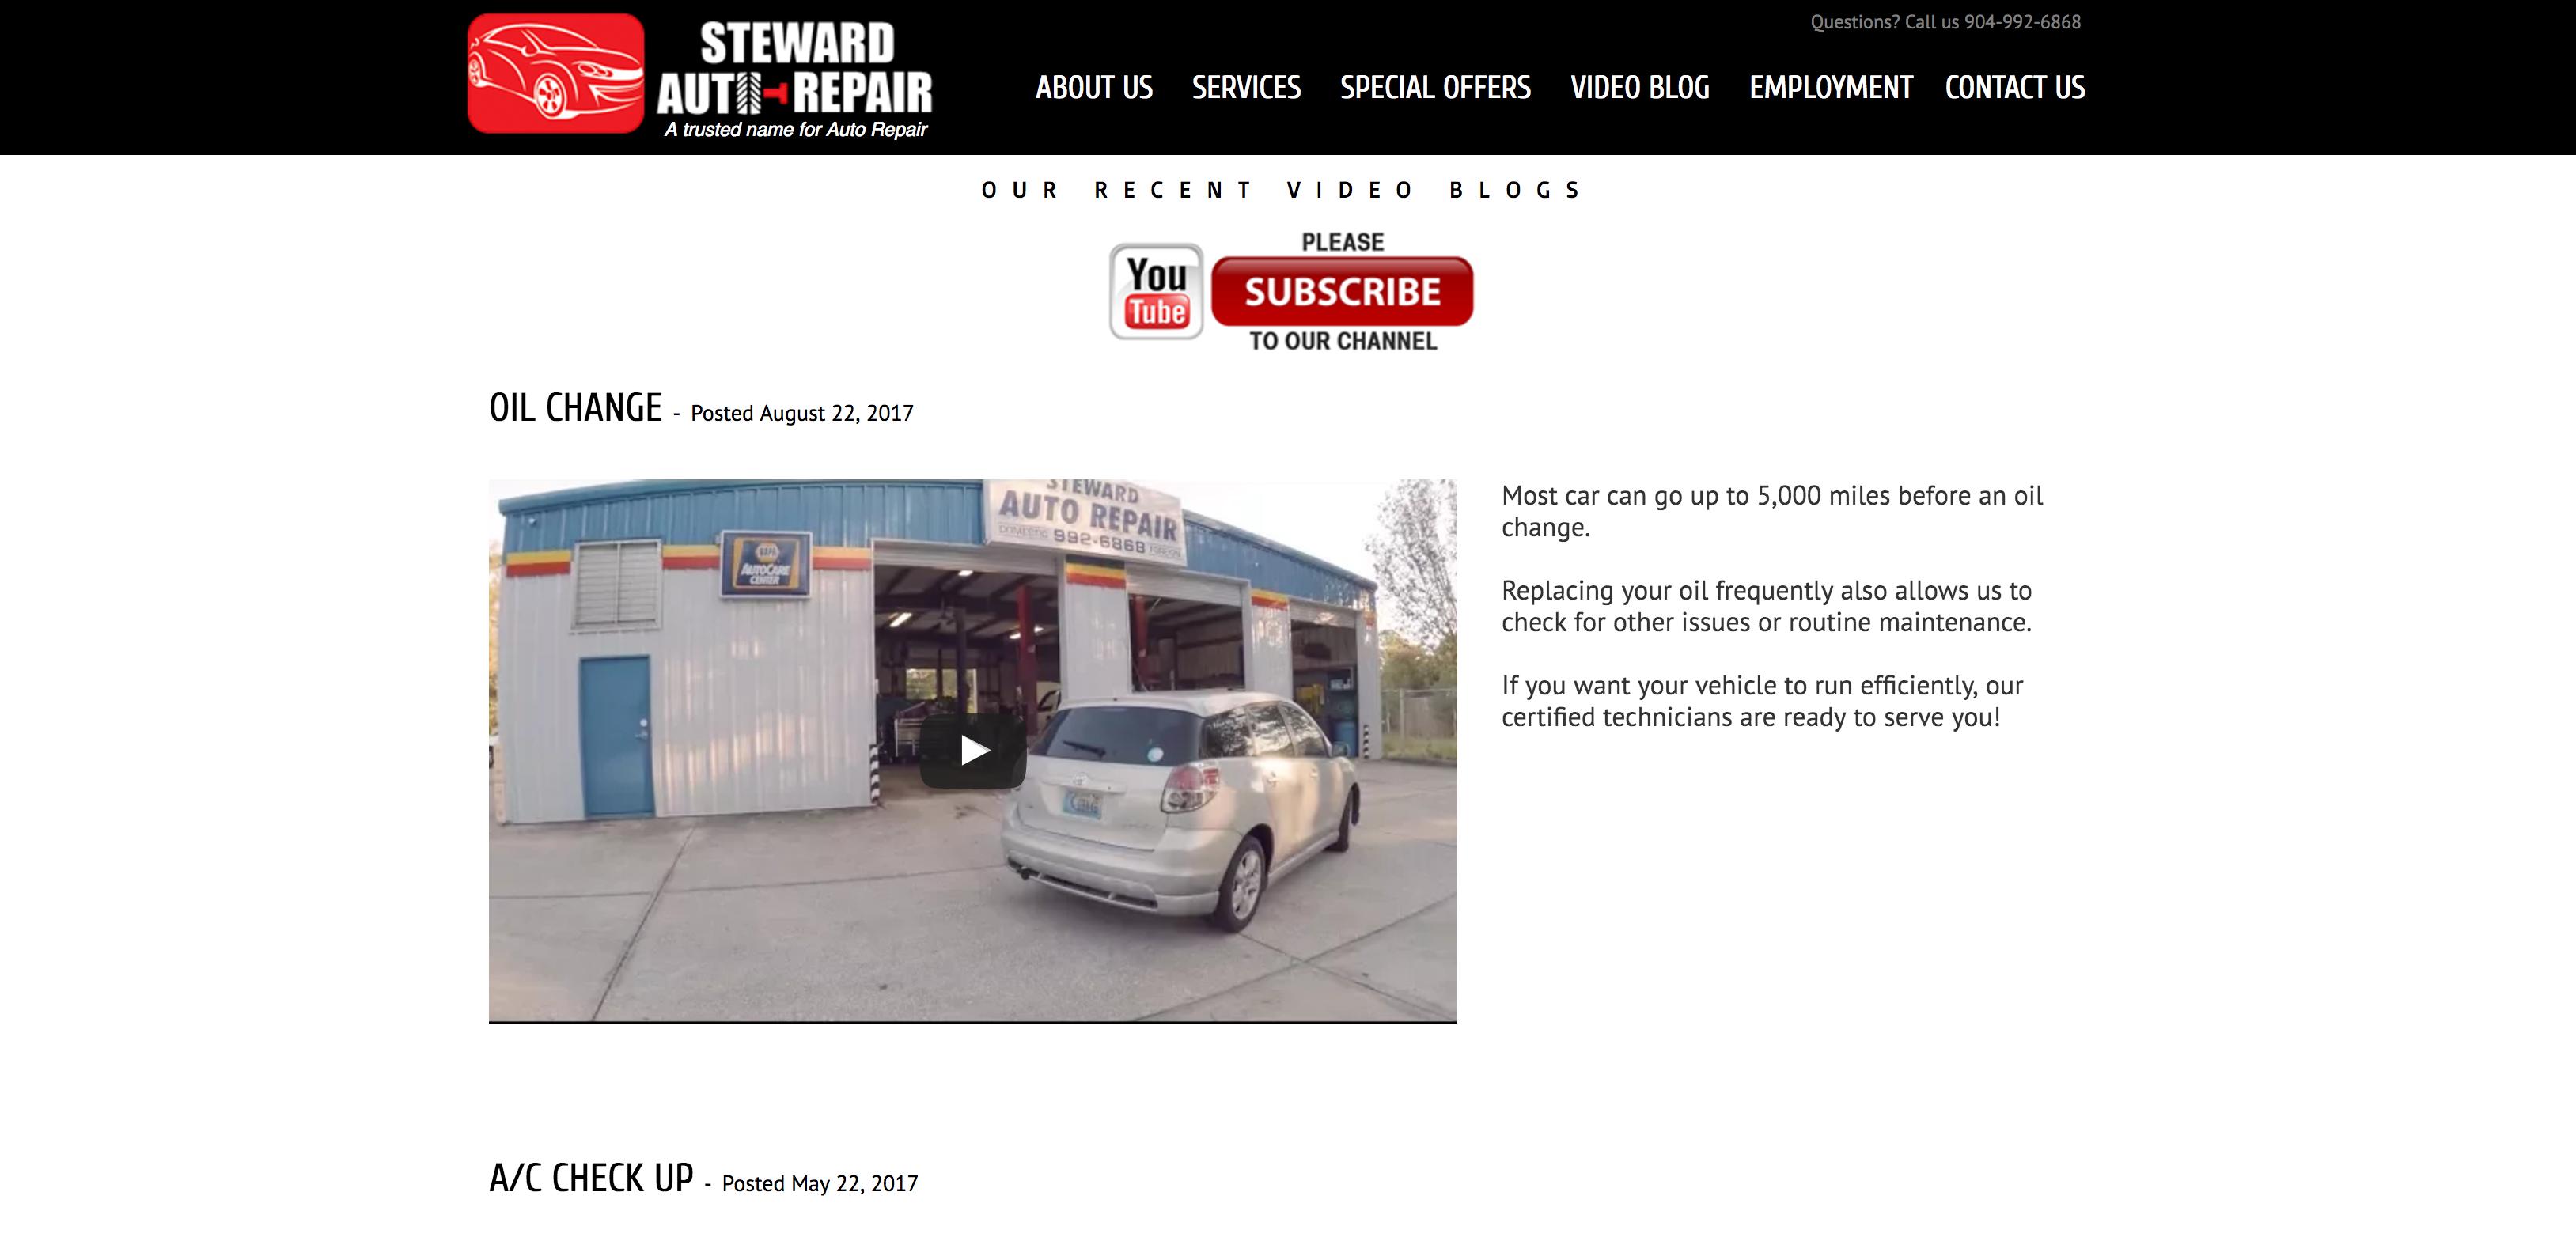 steward auto repair